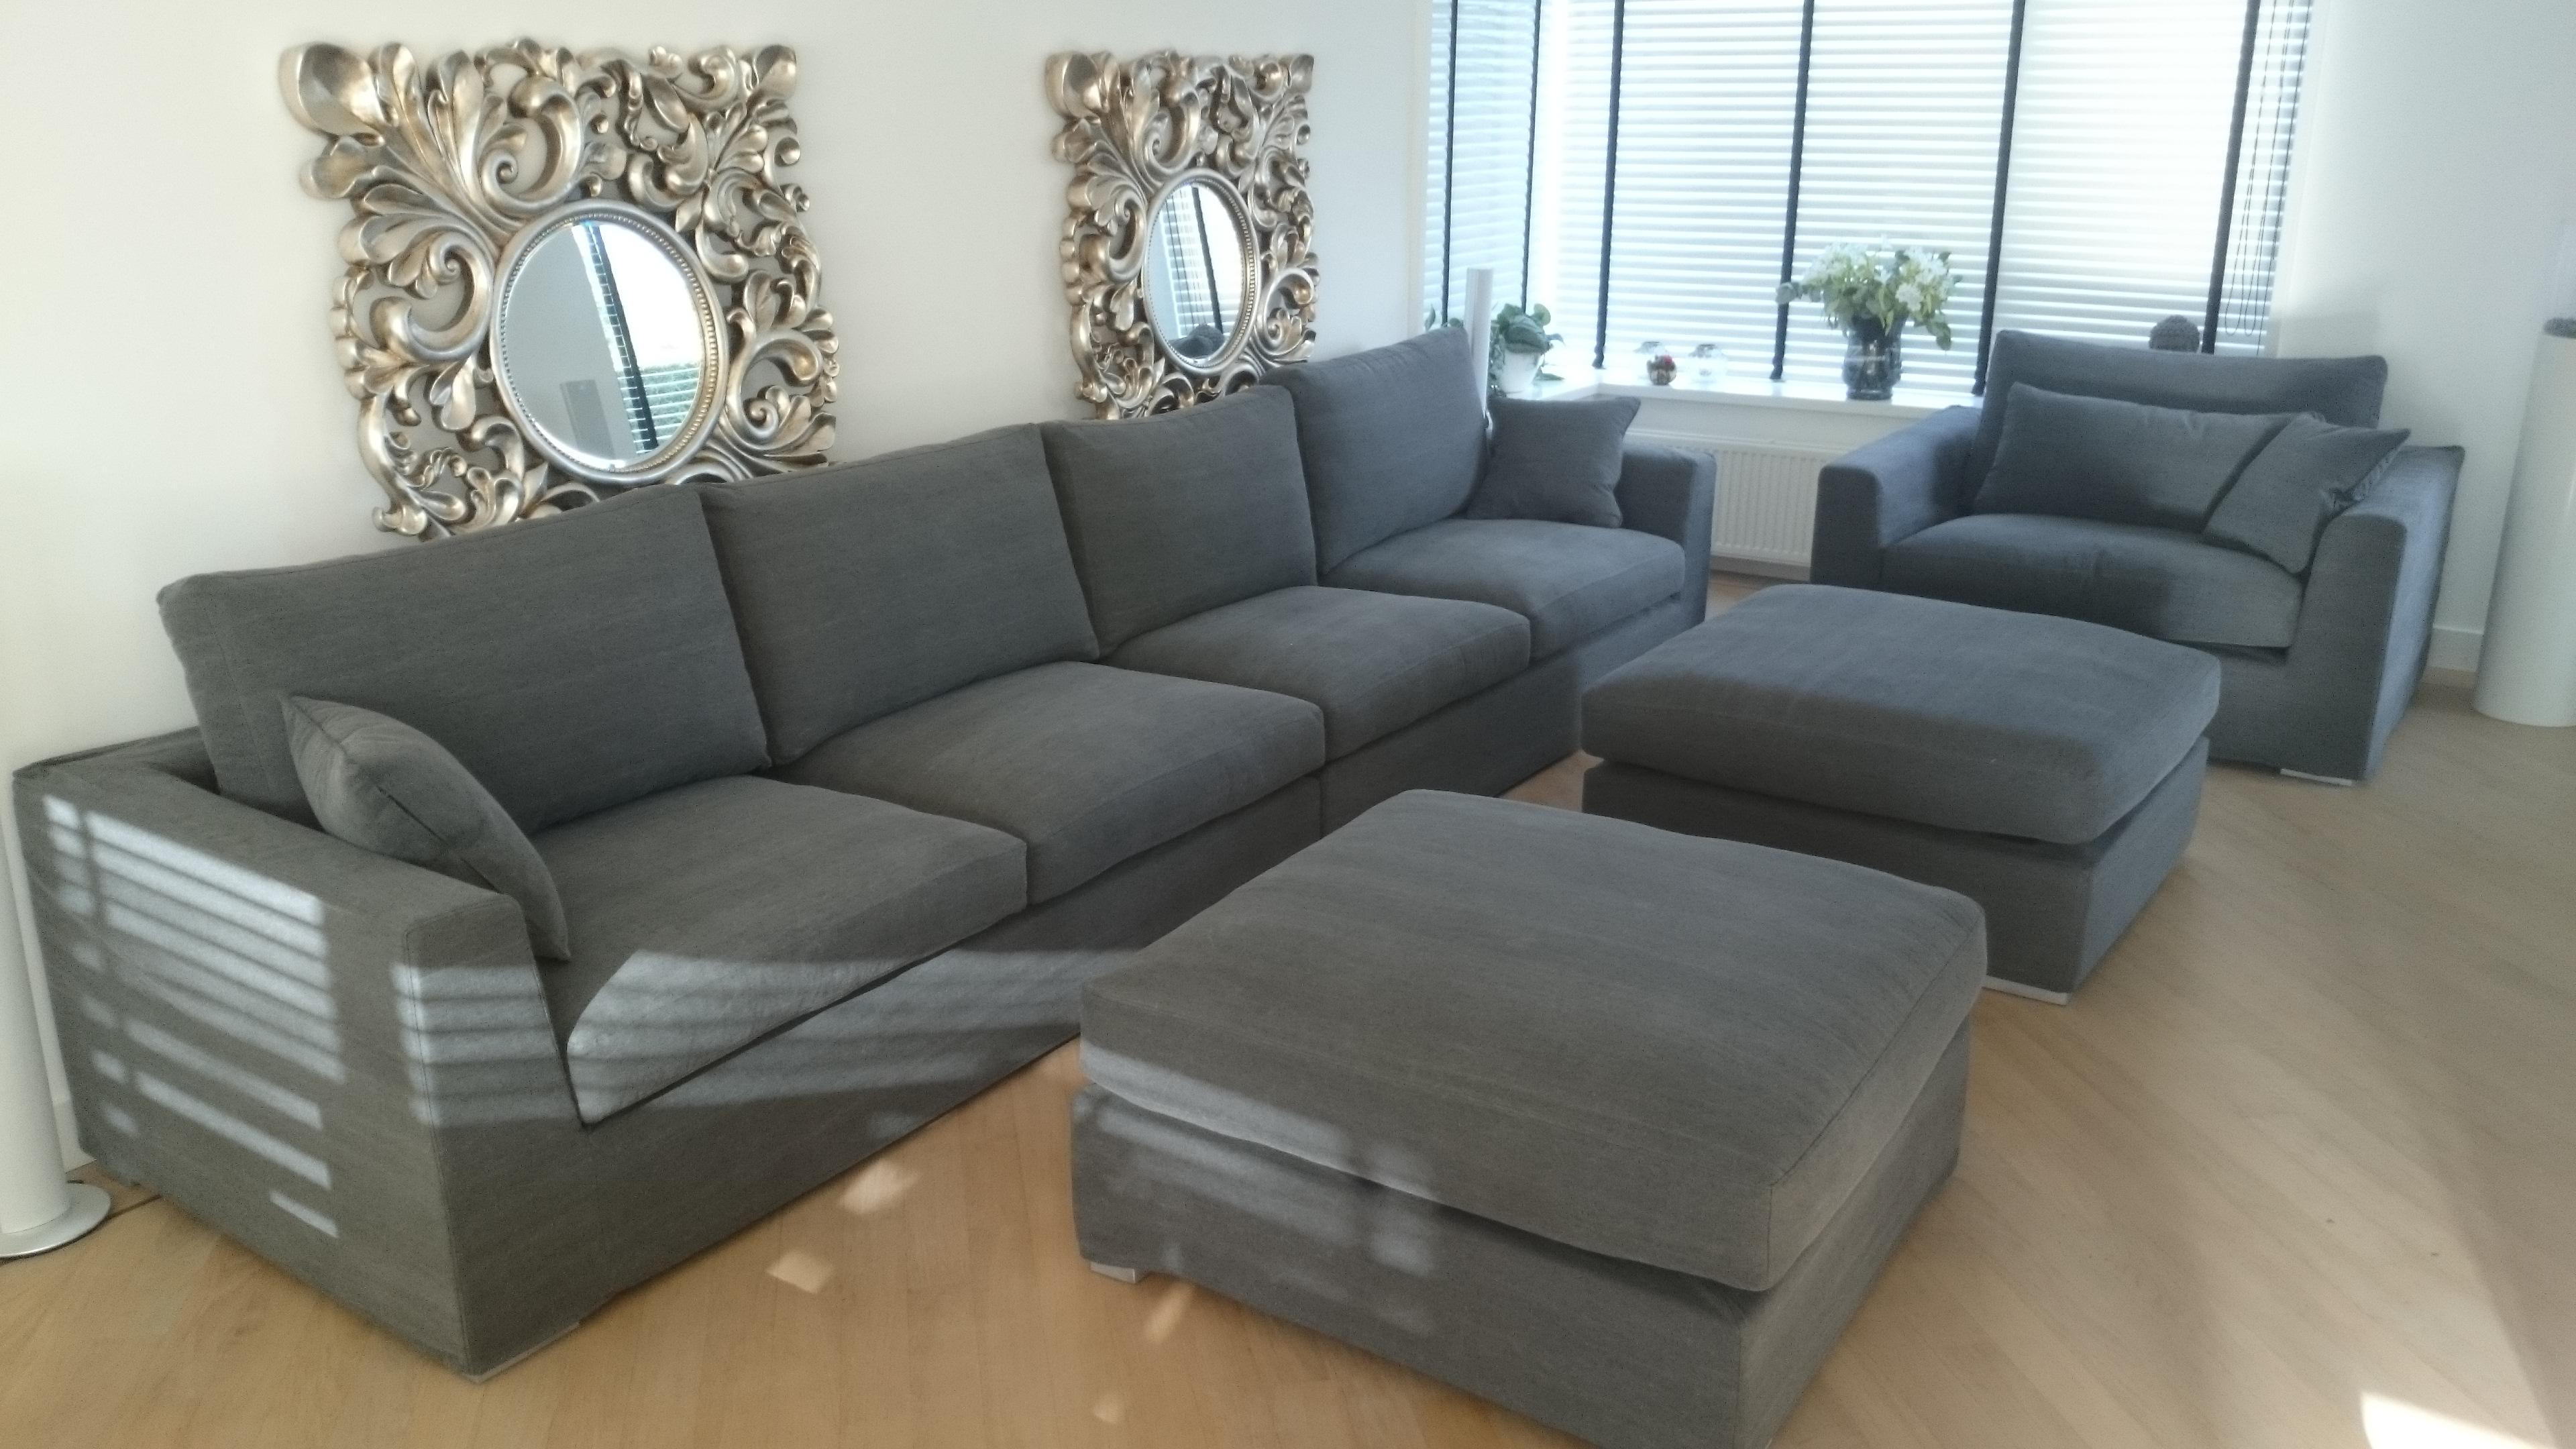 #796B5223650452  Design Meubelen Moderne & Design Meubels Berden.nl ≥ Lange betrouwbaar Design Meubelen Opruiming 1747 afbeelding opslaan 384021601747 Idee